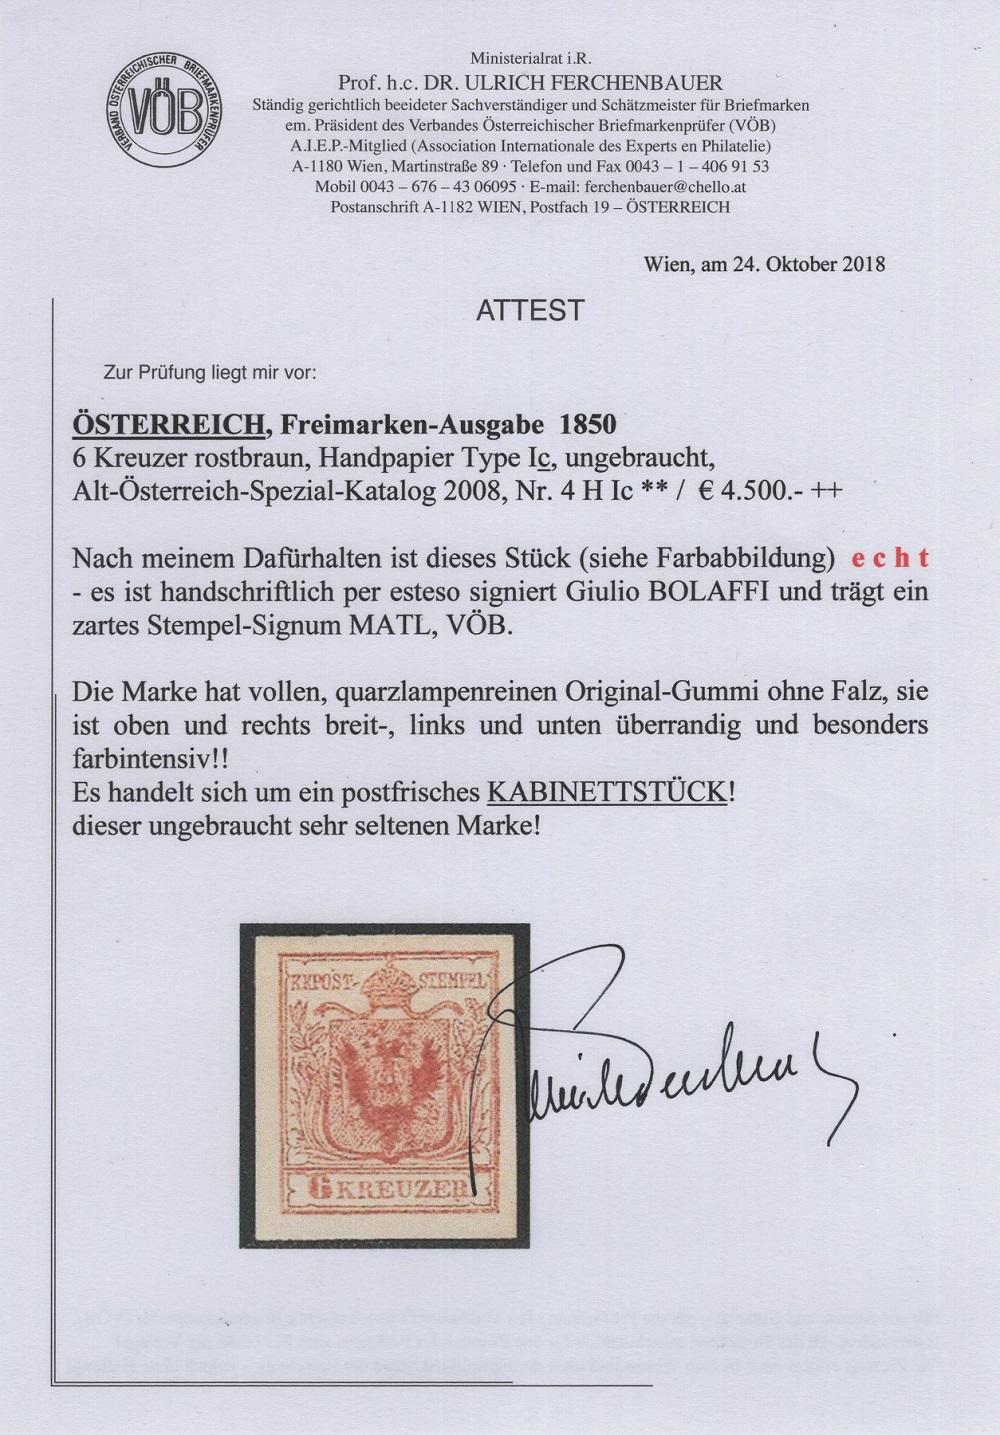 https://www.briefmarken-stari.at/bilder/4HIcrostbraunpostfrischLZBild3